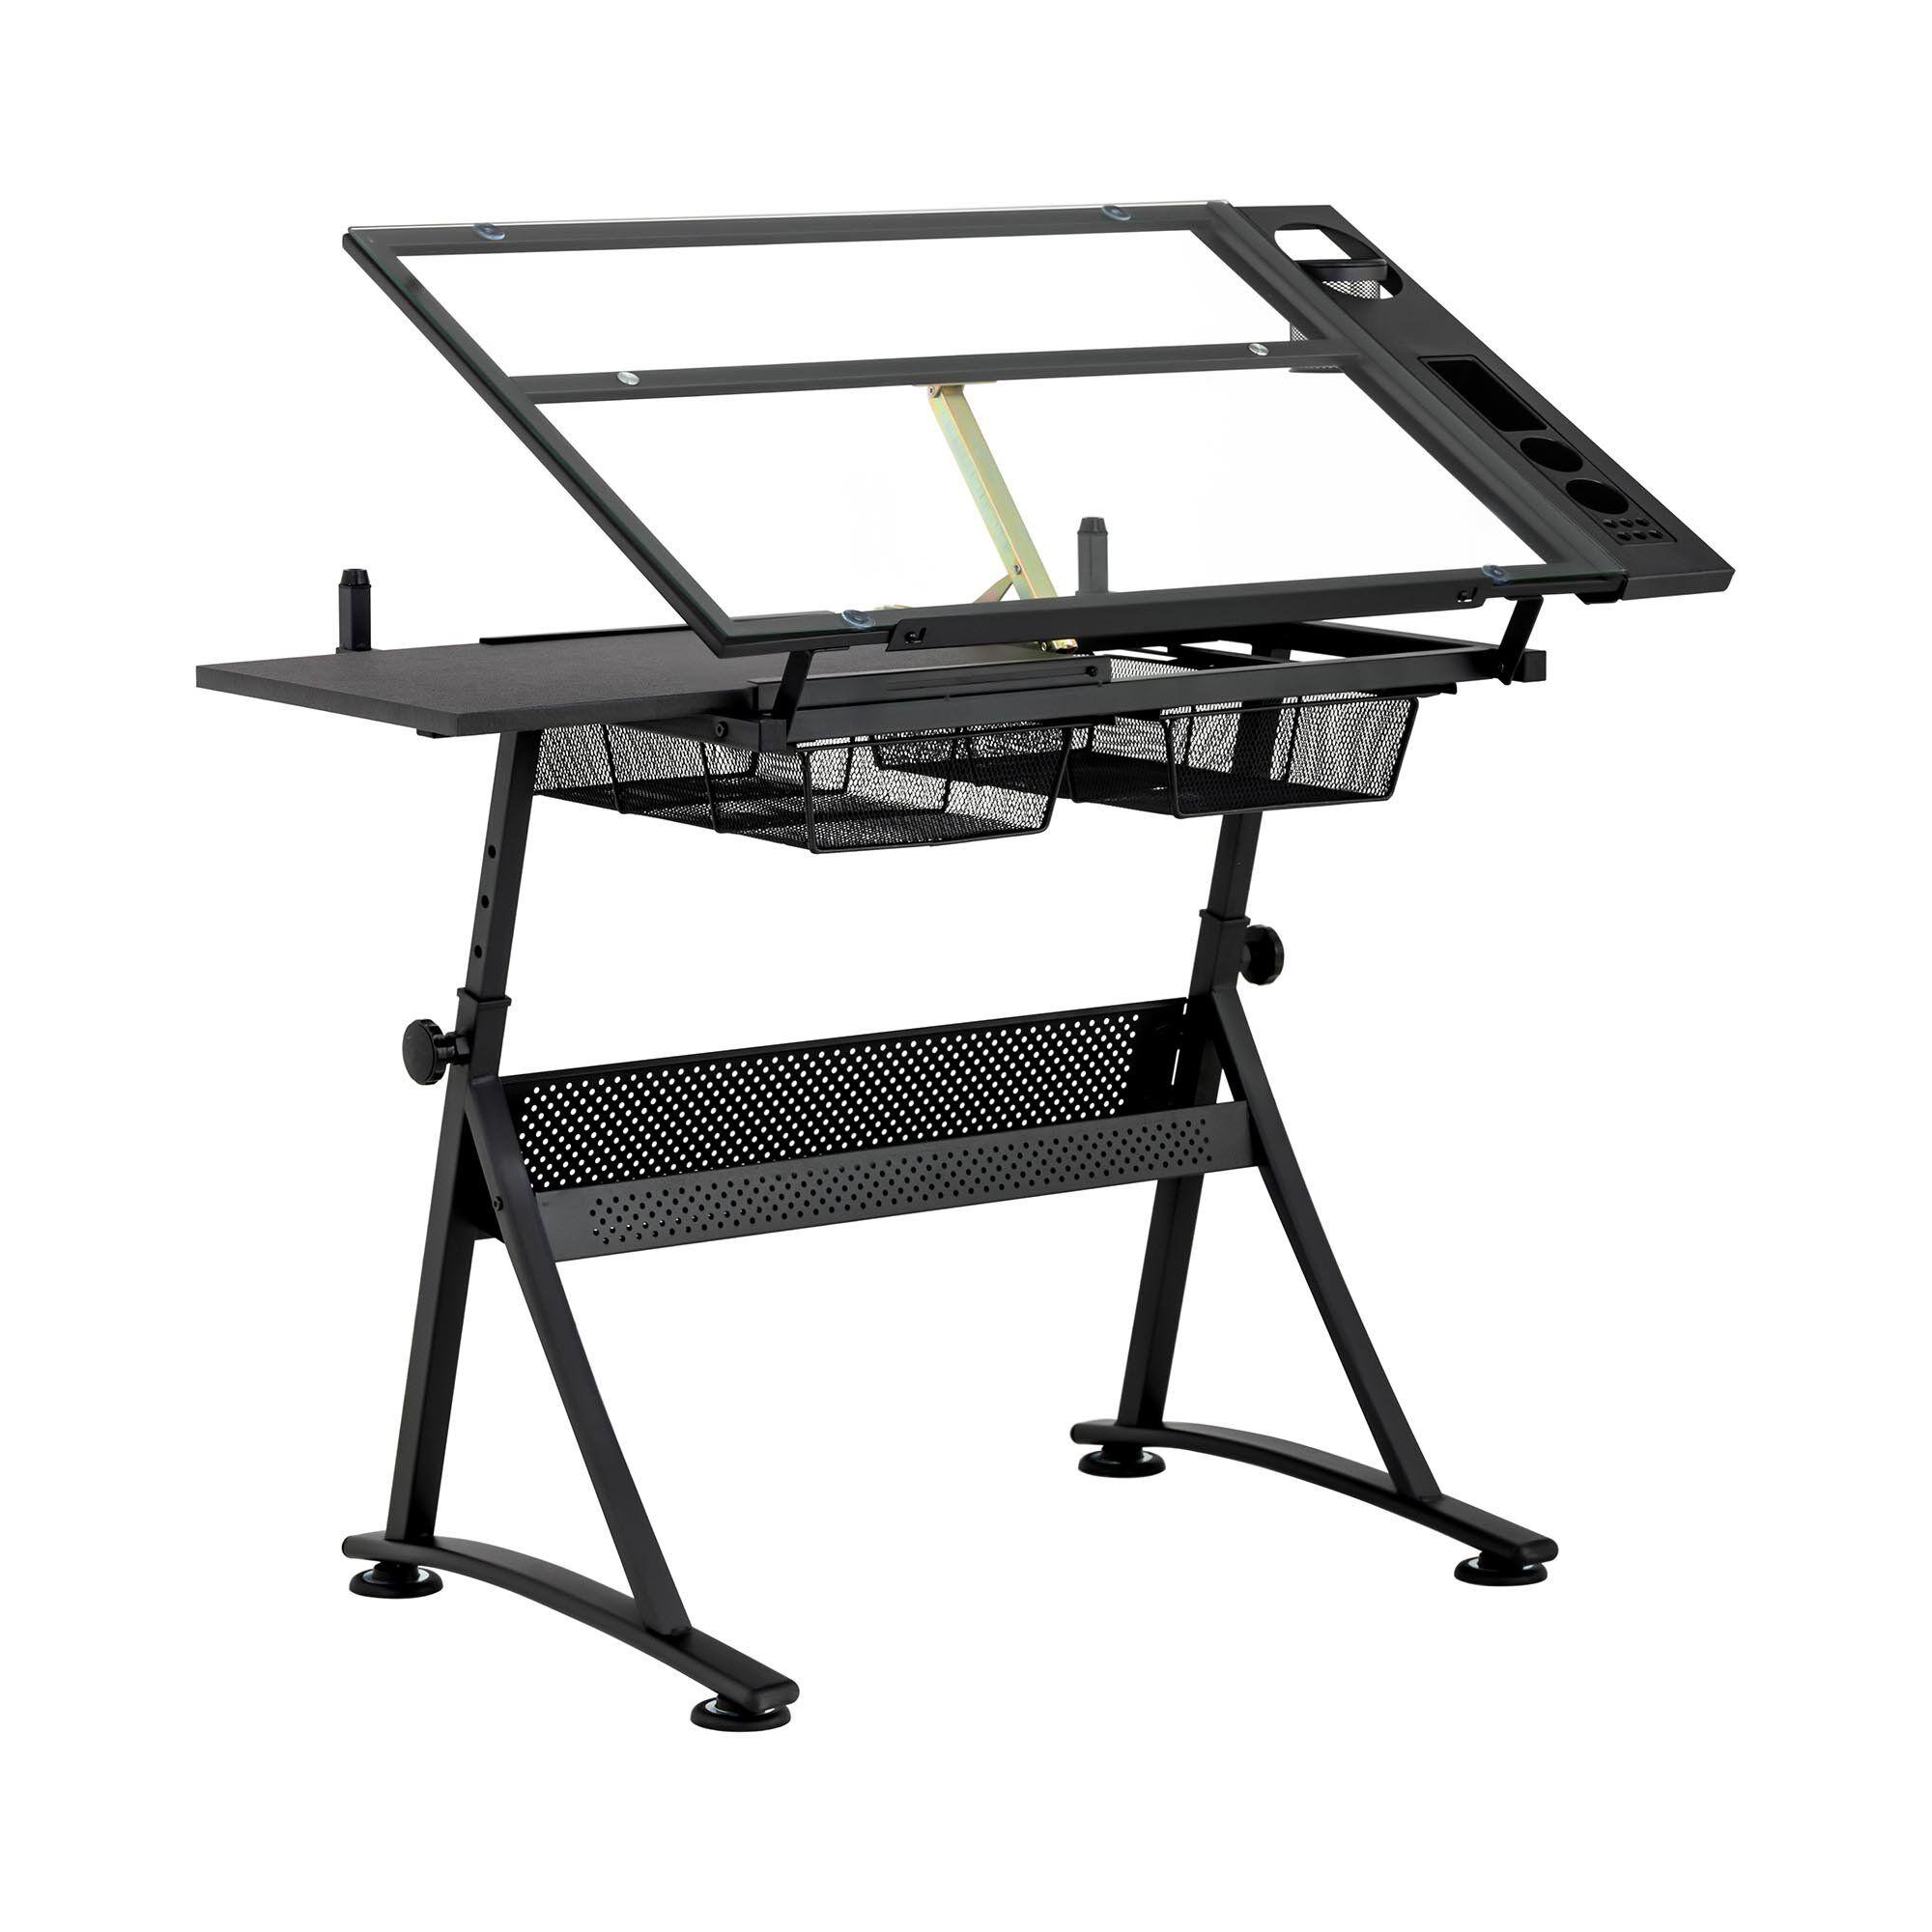 fromm & starck tavolo da disegno inclinabile - 120 x 60 x 90 cm - piano in vetro star_desk_09